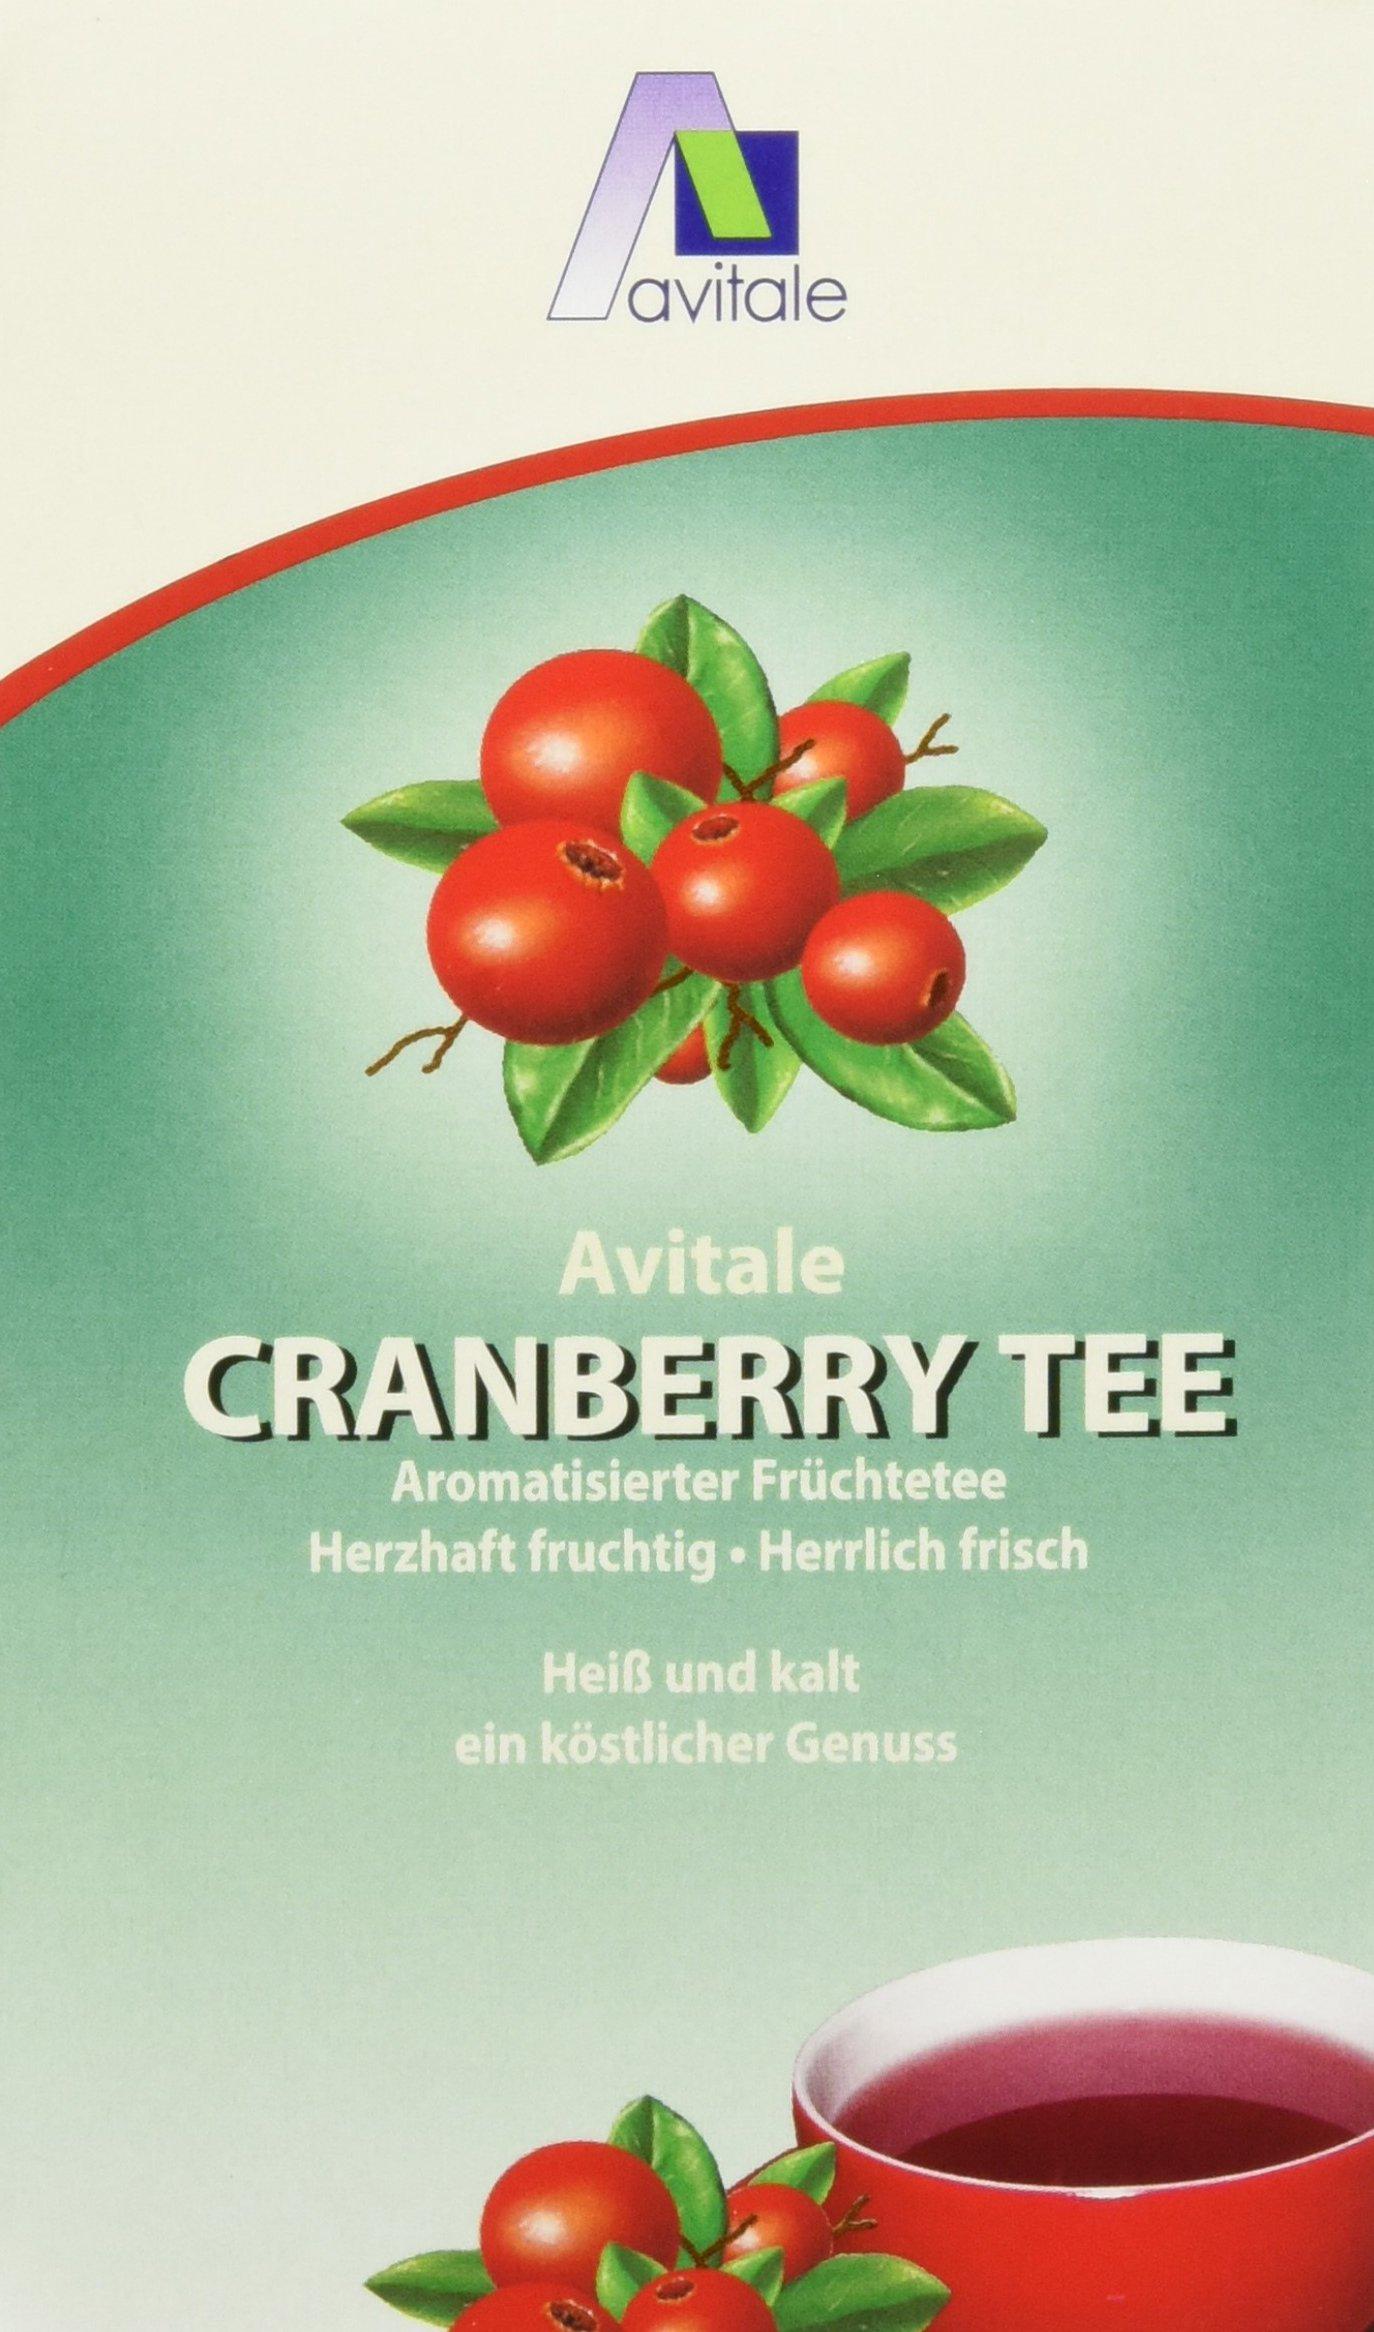 Avitale-Cranberrytee-Filter-20-St-3er-Pack-3-x-40-g